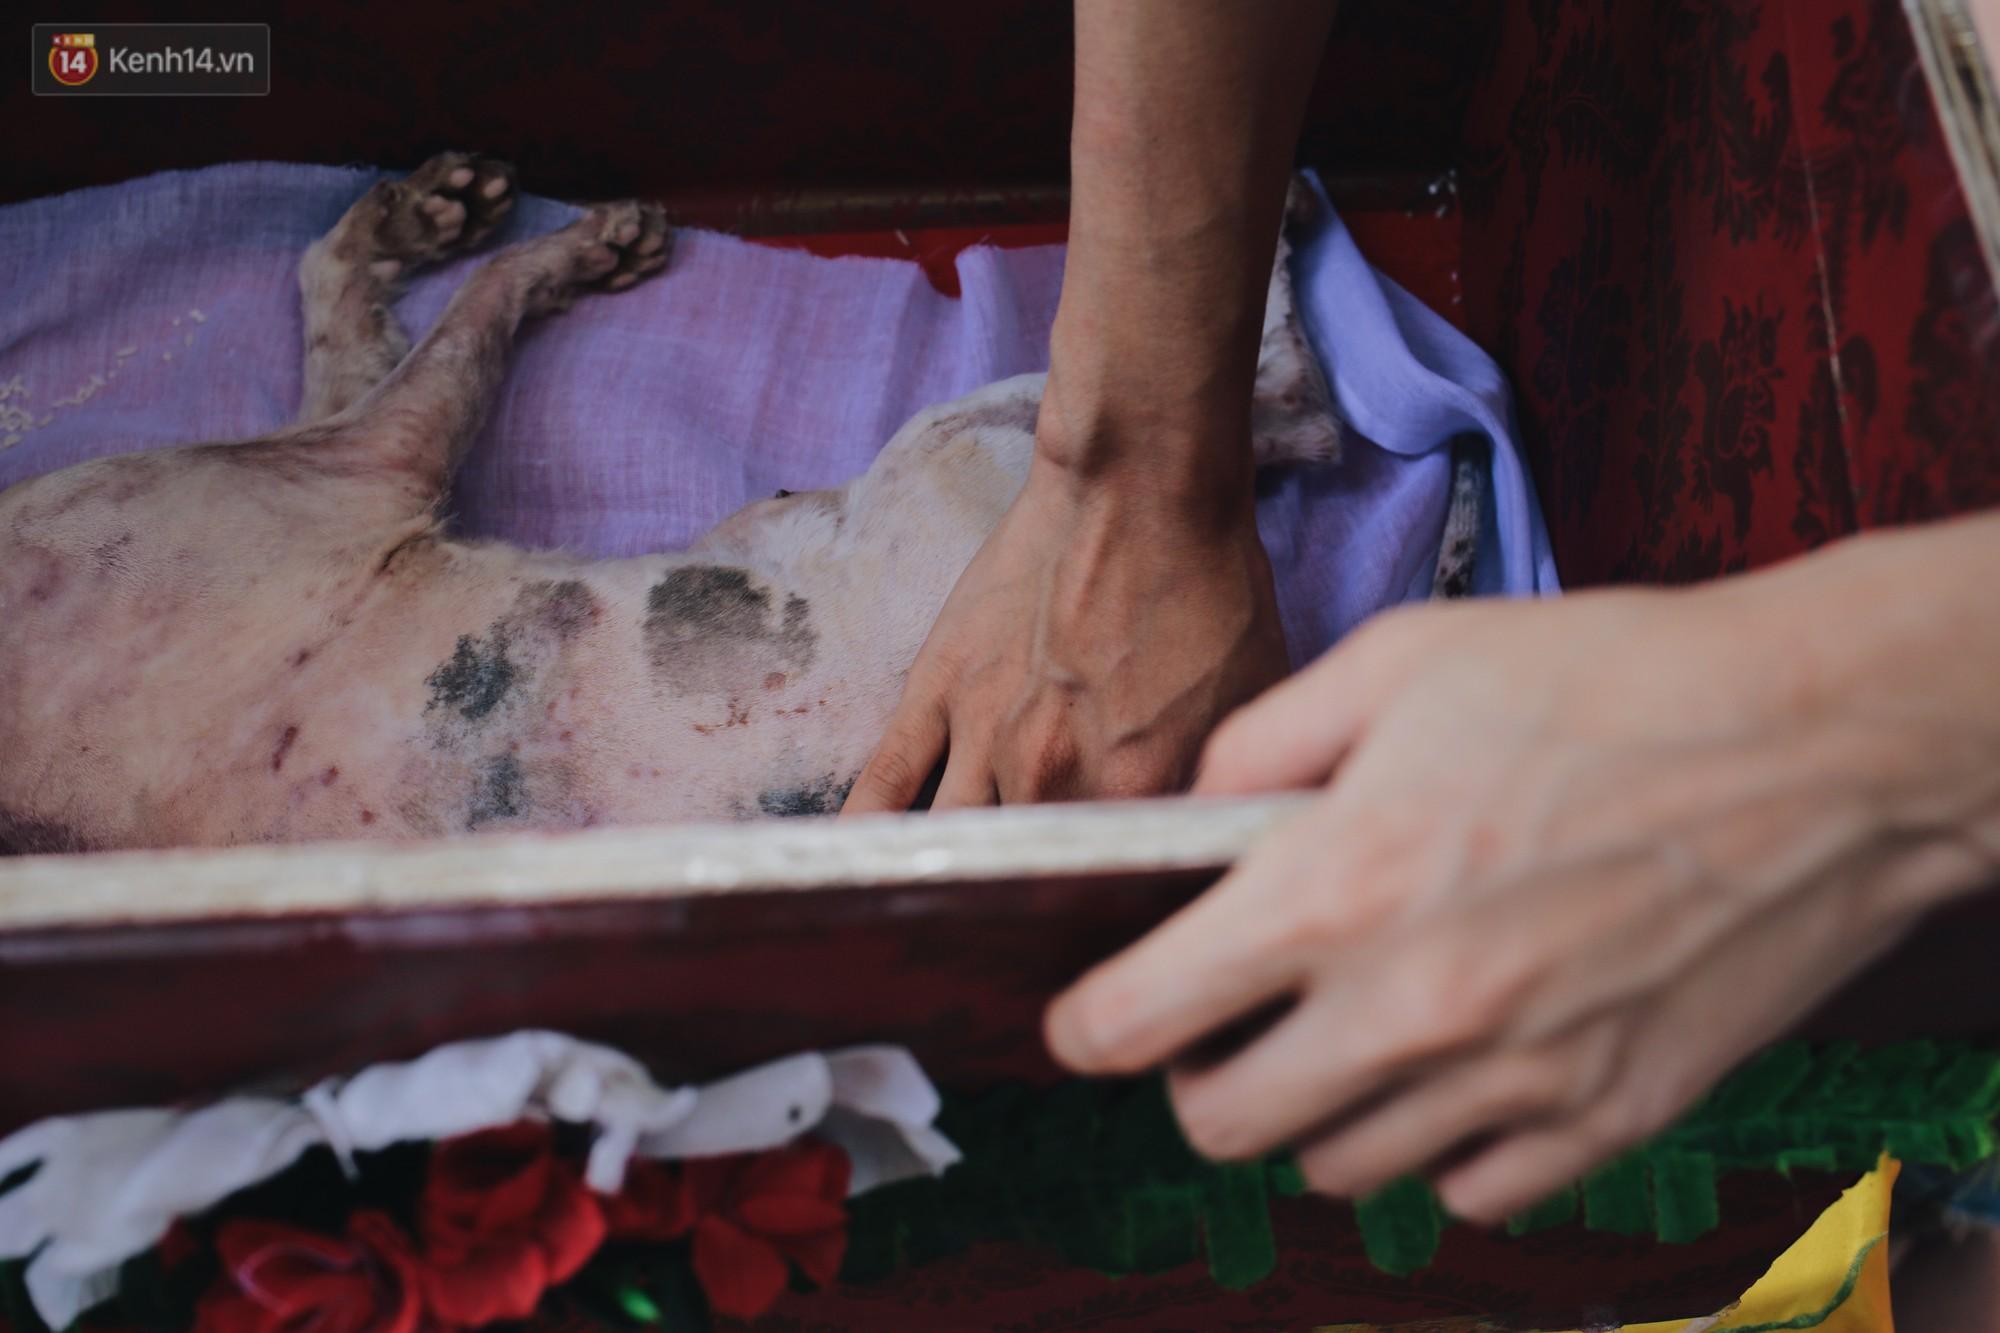 Gặp người đàn ông xây resort chó mèo kỳ lạ nhất Hà Nội: Tổ chức đám tang và thờ cúng cho hàng trăm mộ phần thú cưng xấu số - Ảnh 9.